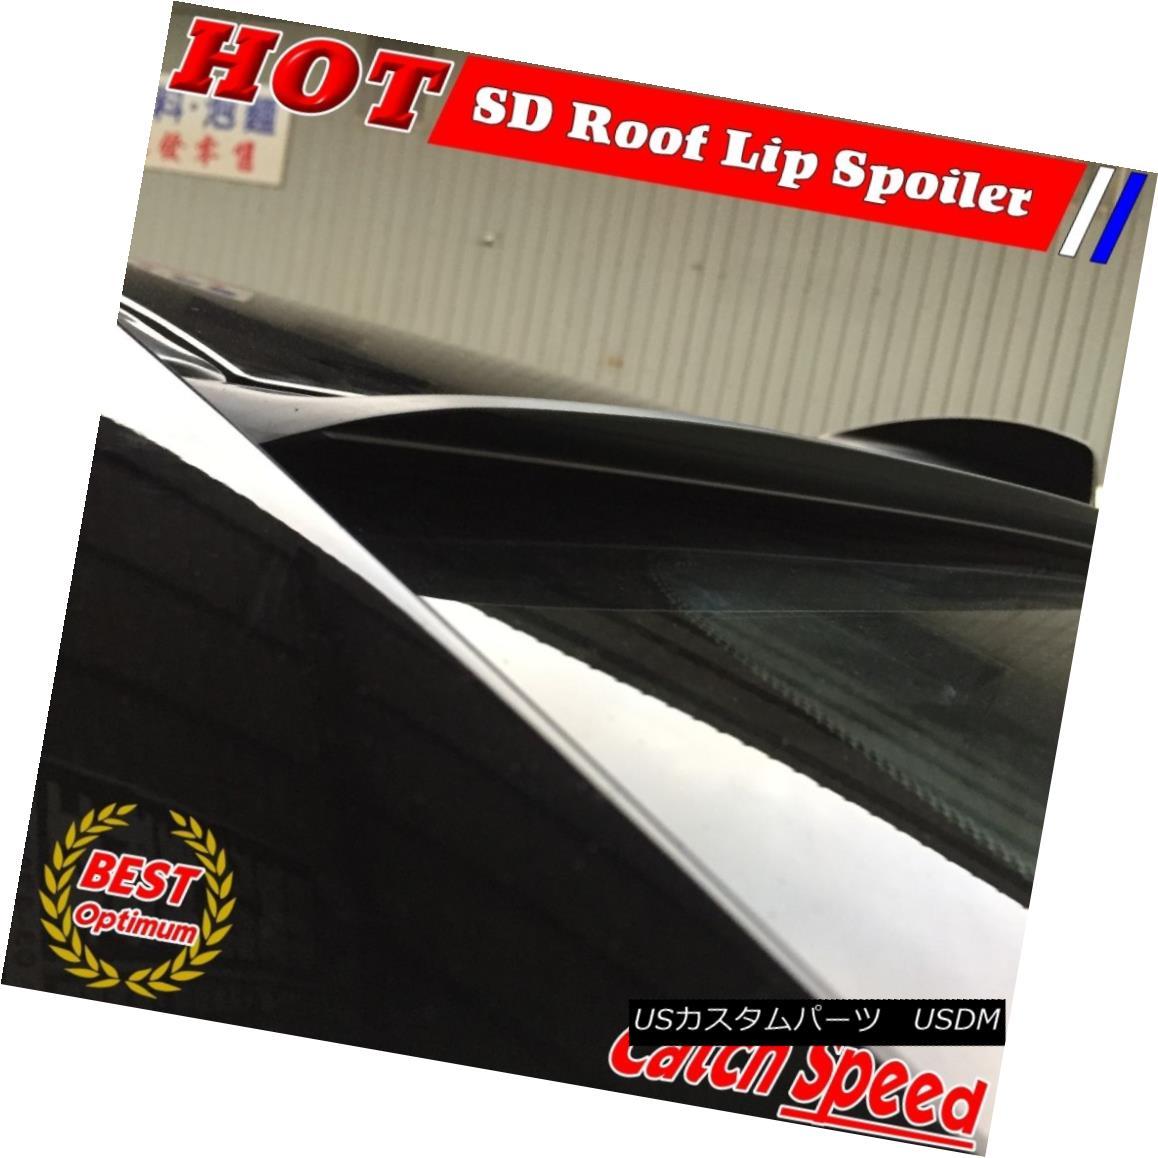 エアロパーツ Painted SD Type Rear Roof Spoiler Wing For Mazda 3 BM Axela 2014~2015 Sedan 塗装済みSDタイプリアルーフスポイラーウイングforマツダ3 BM Axela 2014?2015セダン